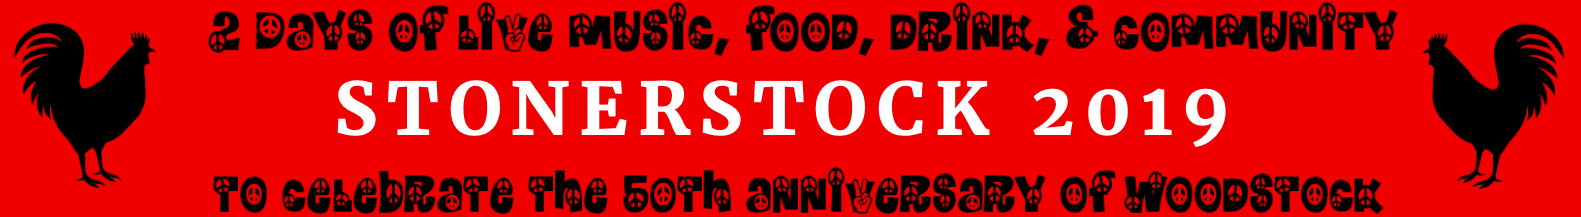 Stonerstock 2019